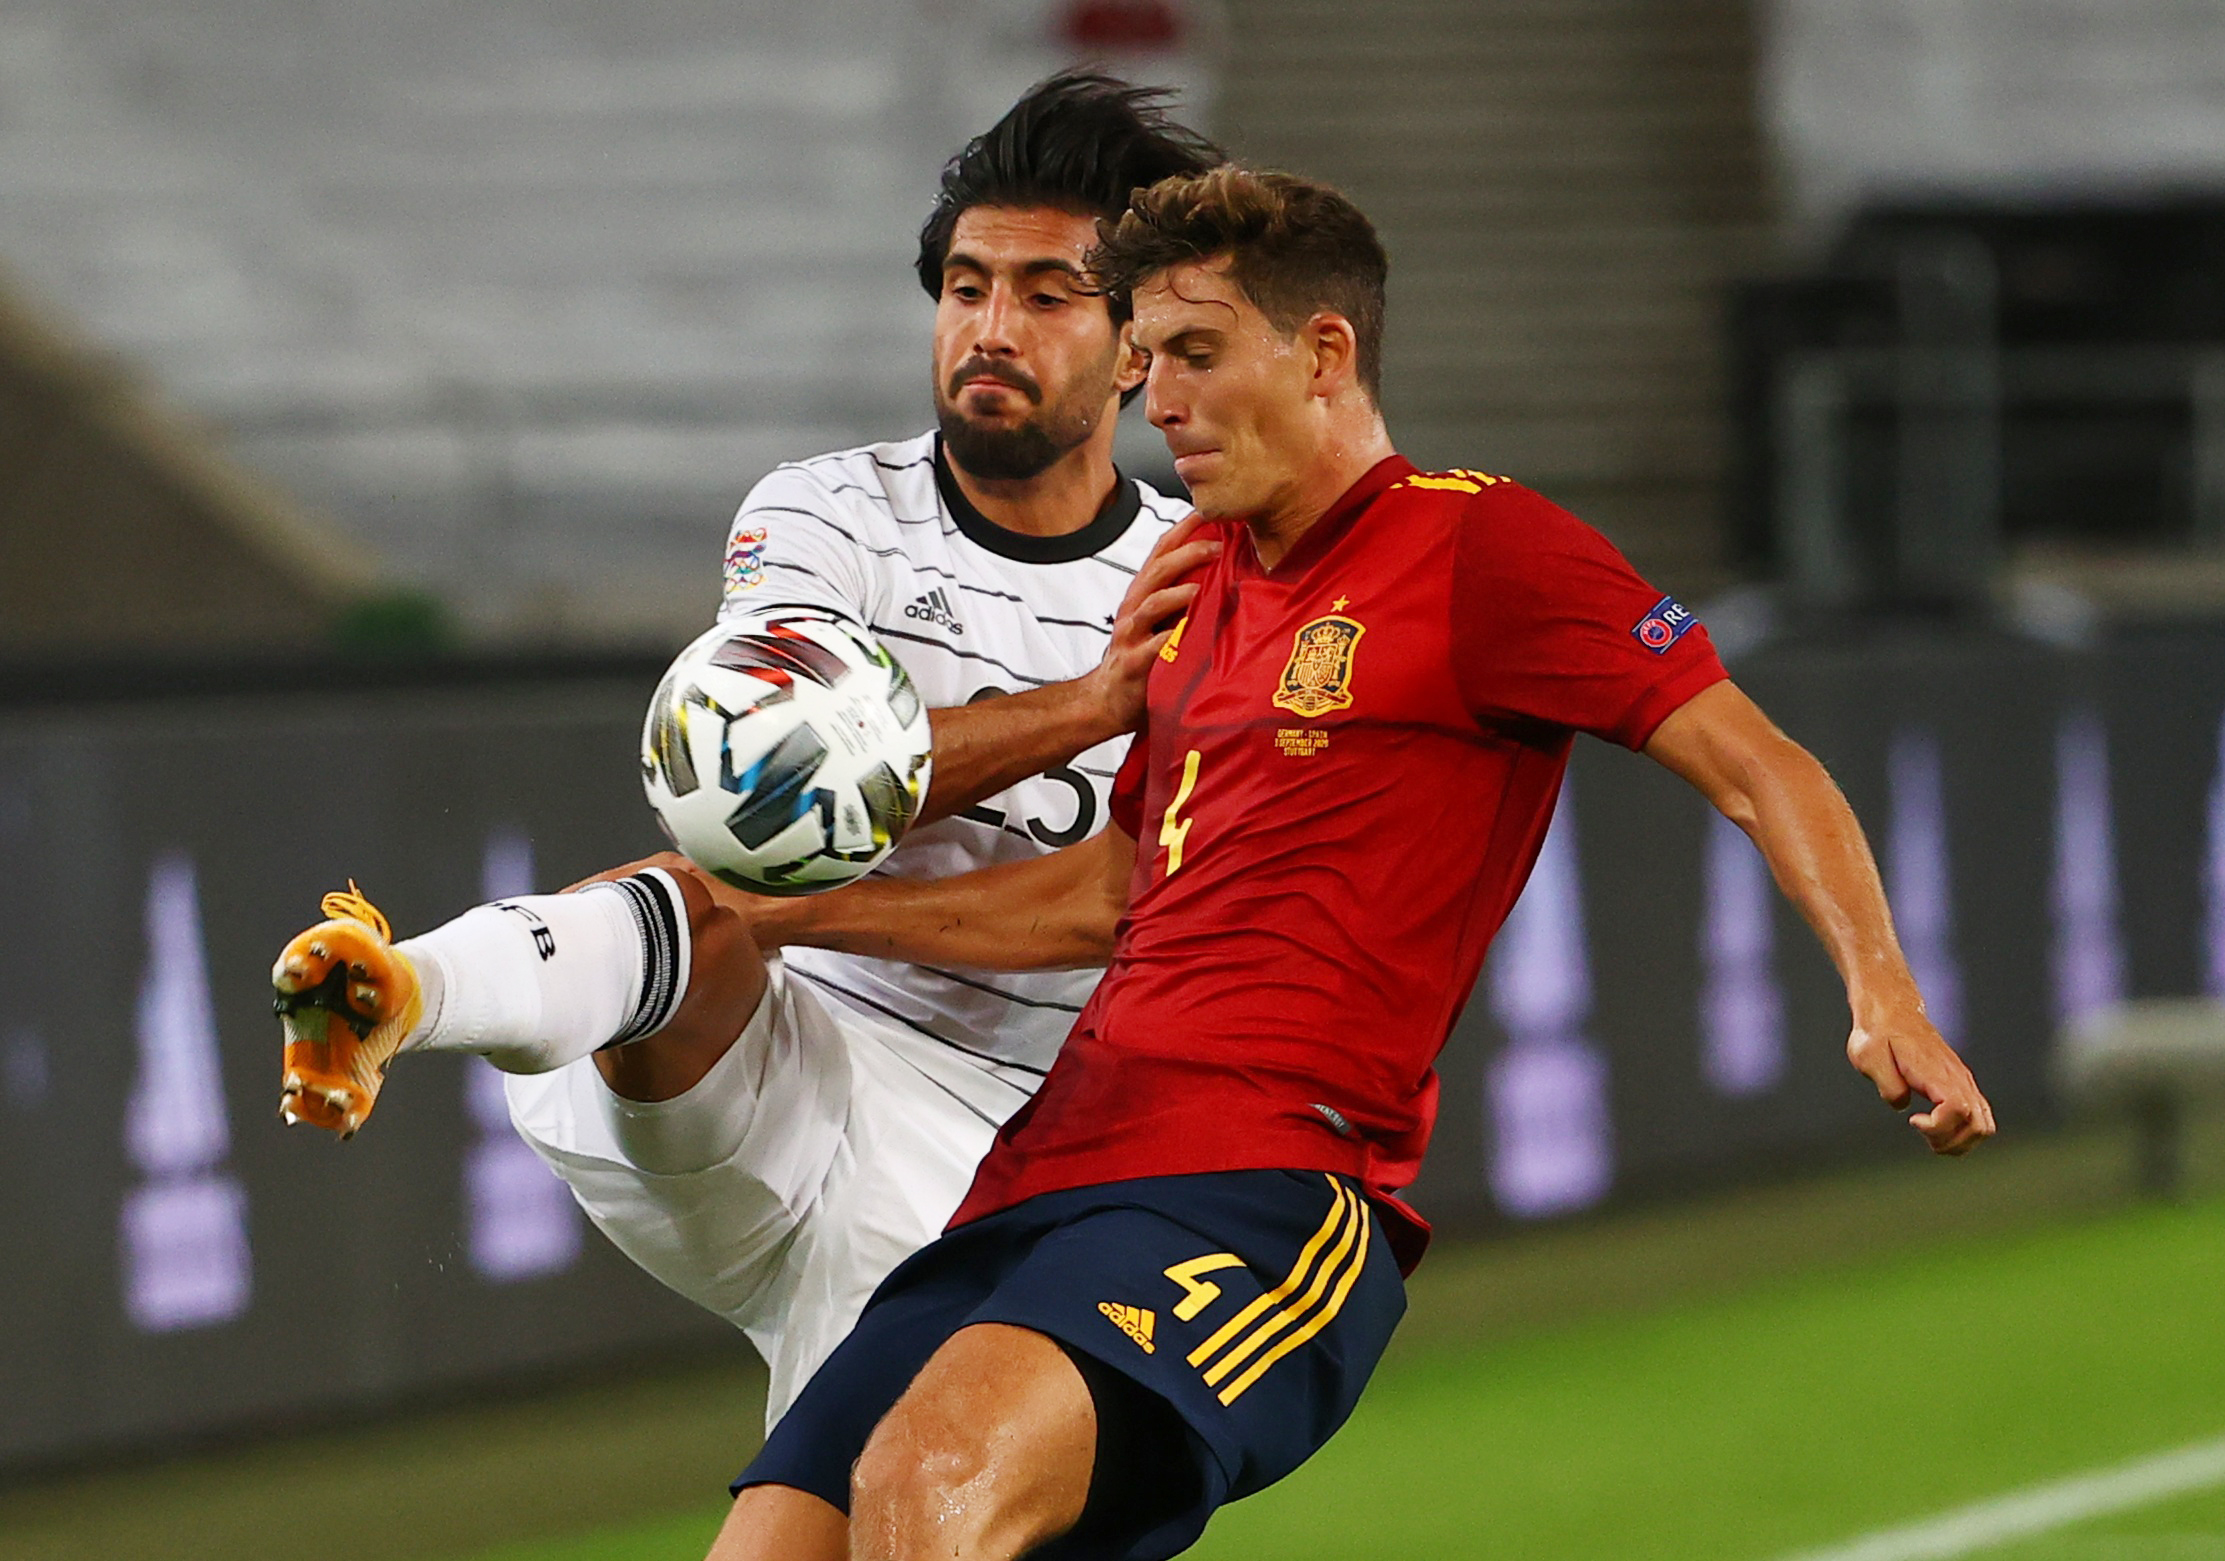 Uefa Nations League League A Group 4 Germany V Spain Sportyou 20minutos